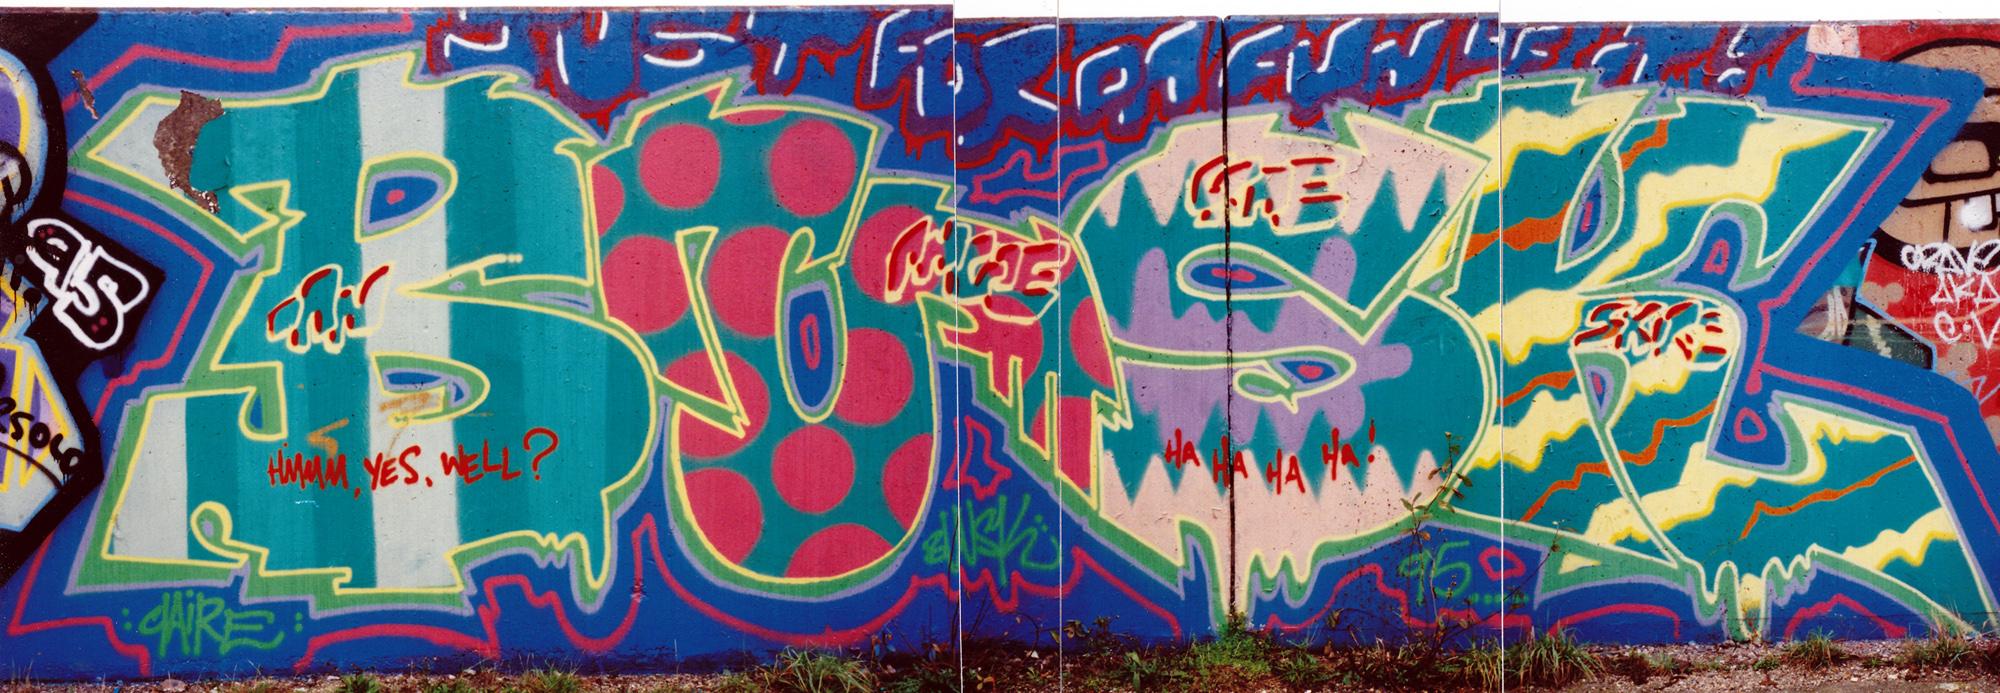 Graffiti wall chelmsford - Uk Graffiti Chelmsford